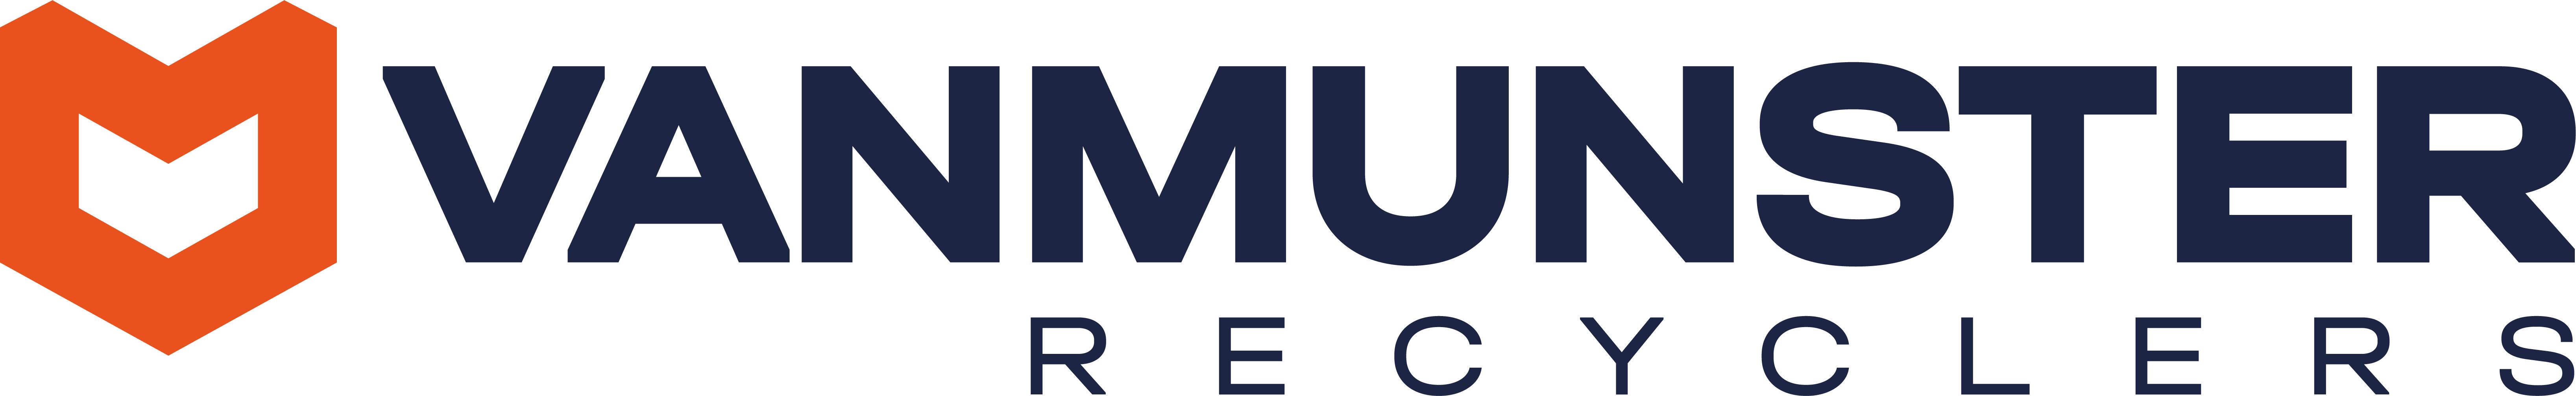 van munster recyclers heesch logo